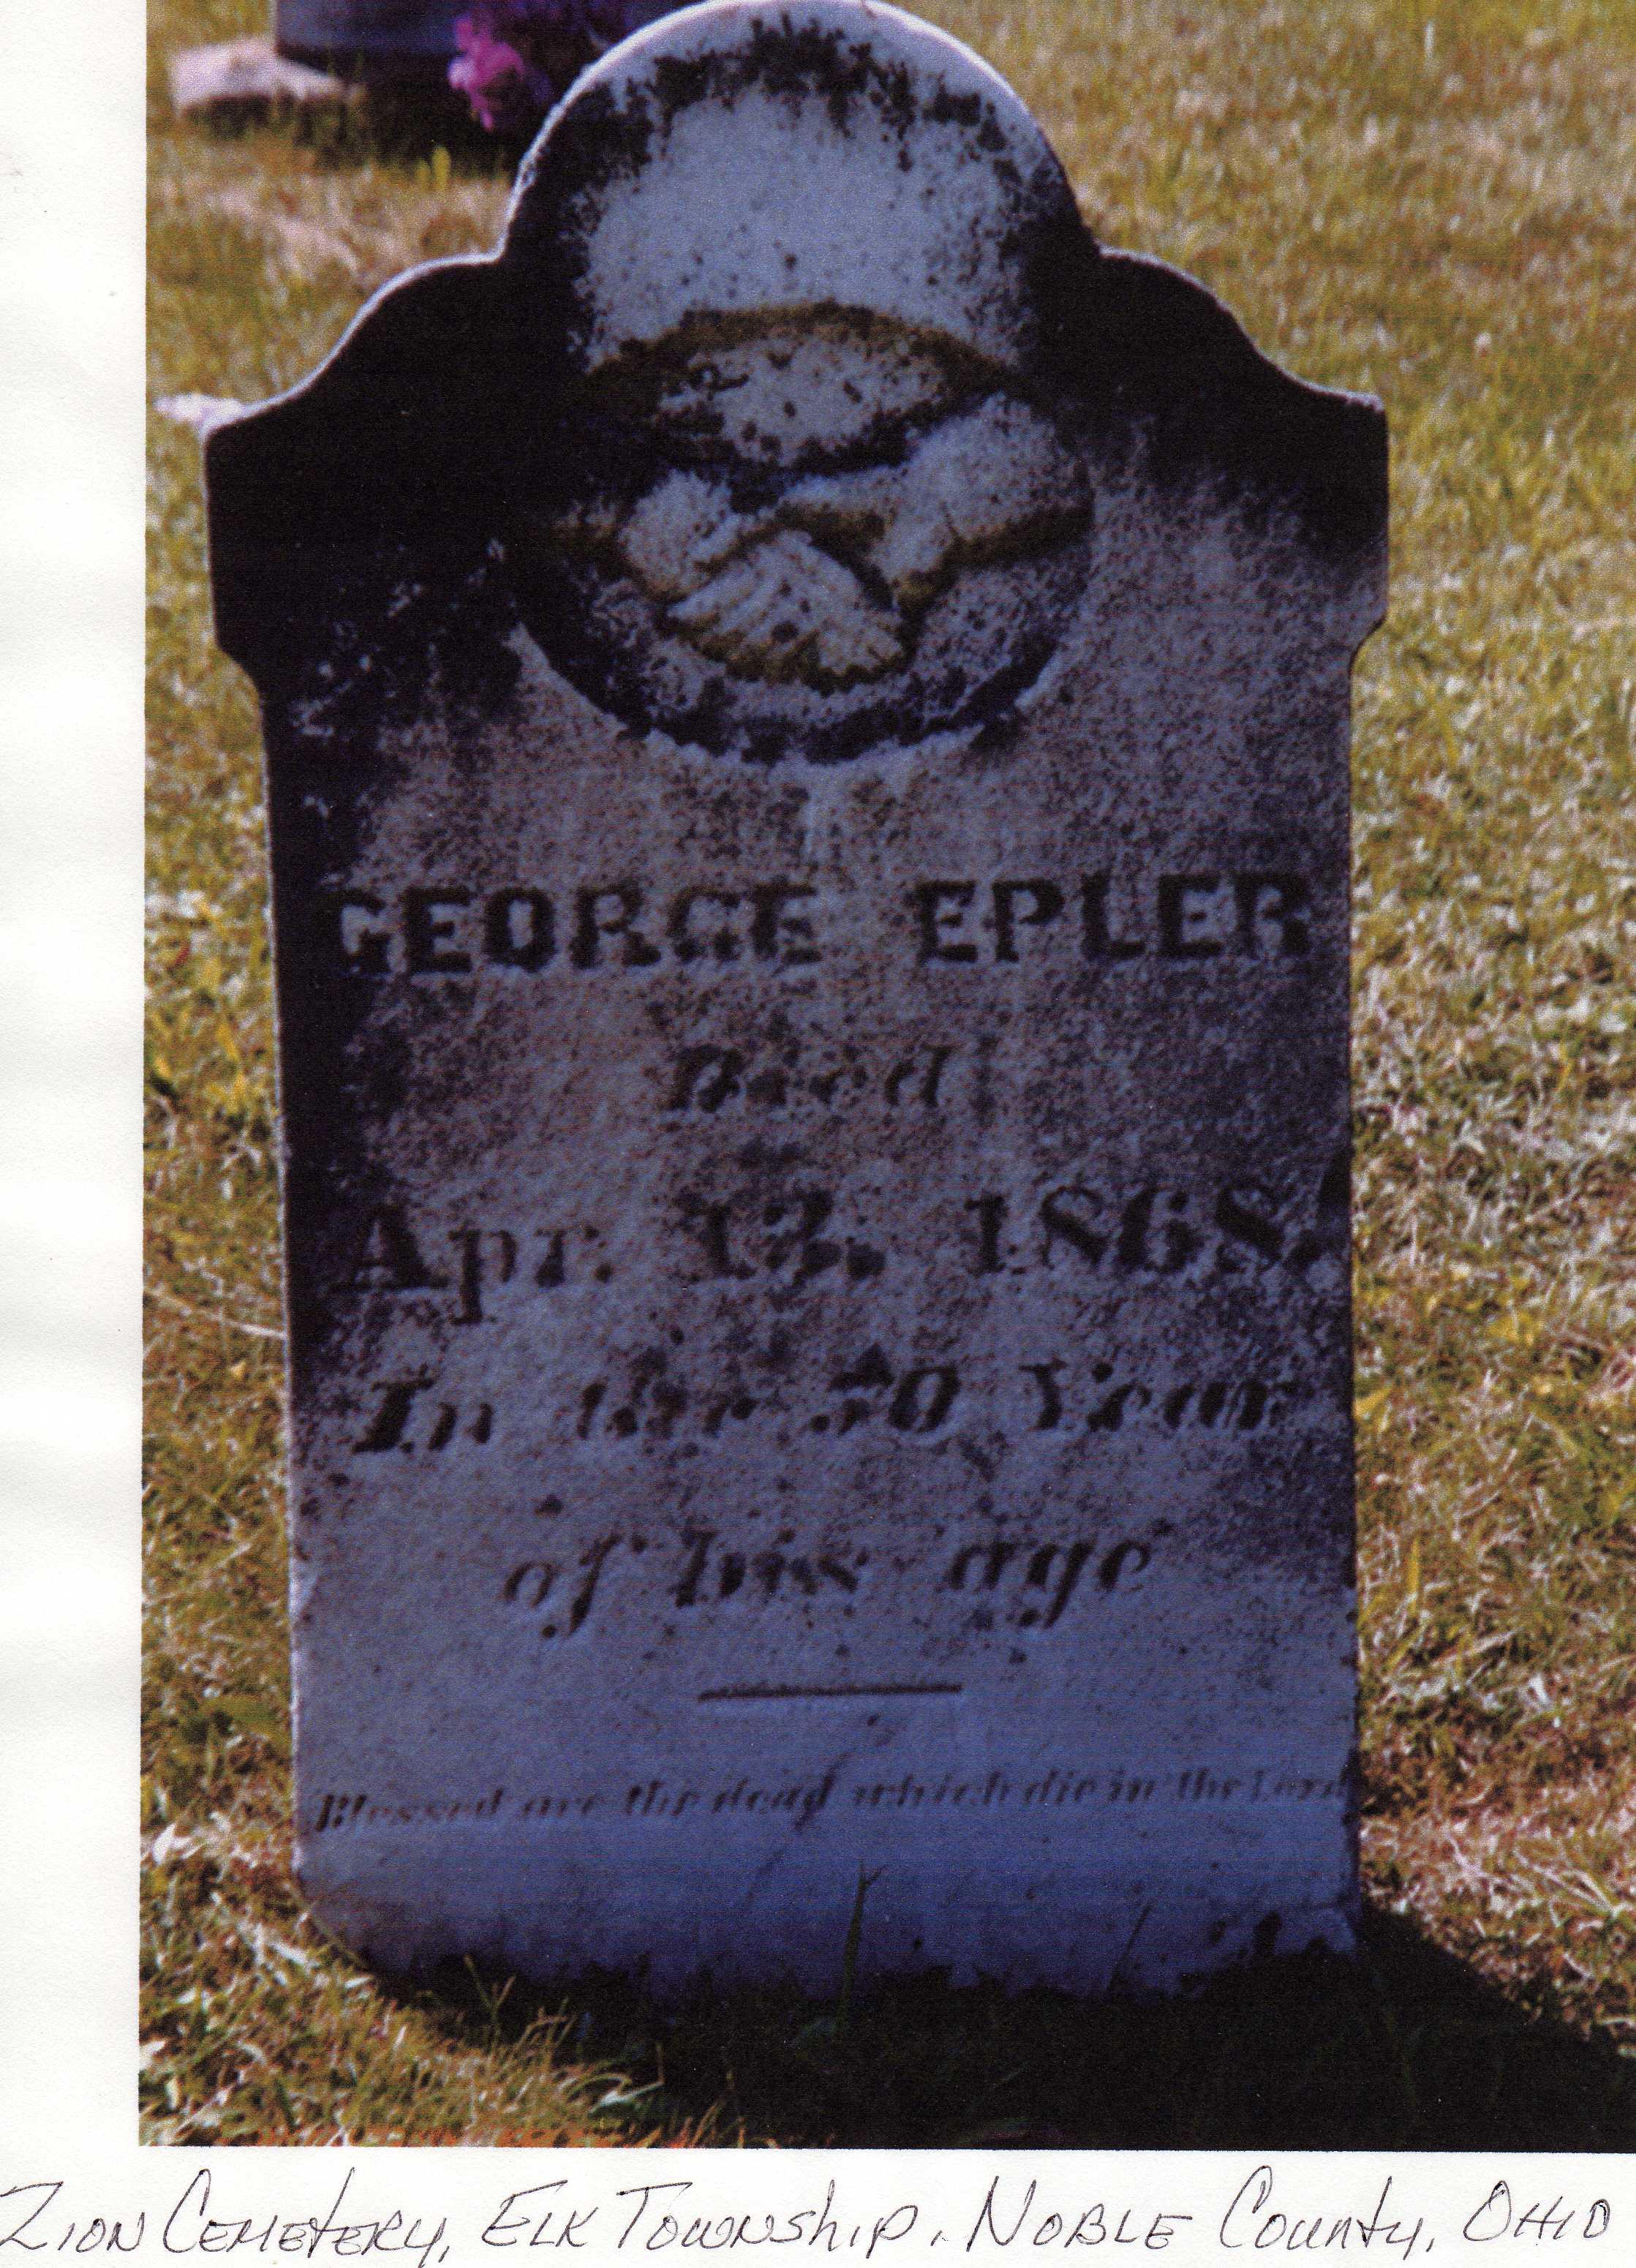 George Epler